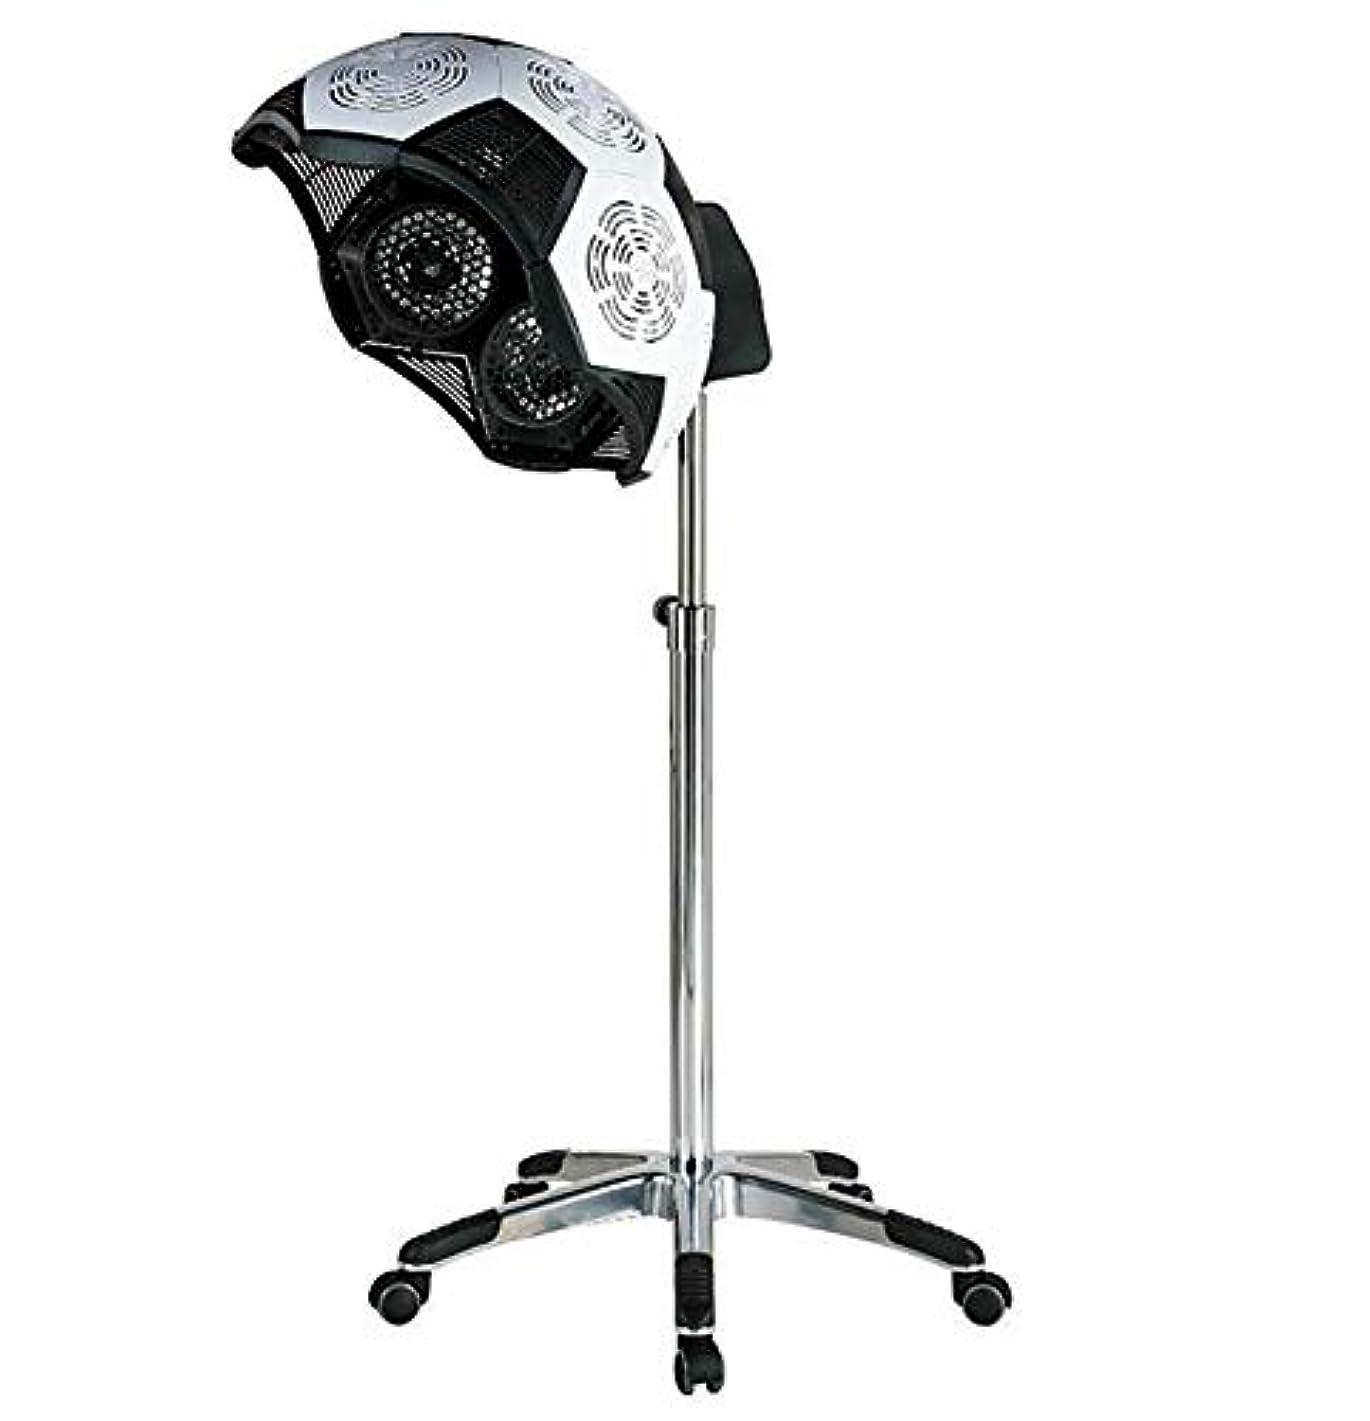 概してズボンコートHIZLJJ 調節可能なフードフロアスタンドボンネットヘアドライヤーローリングホイールは、ホームサロンヘアドライヤー美容機器のためのサロンヘアドライヤープロフェッショナルを立ち上げます